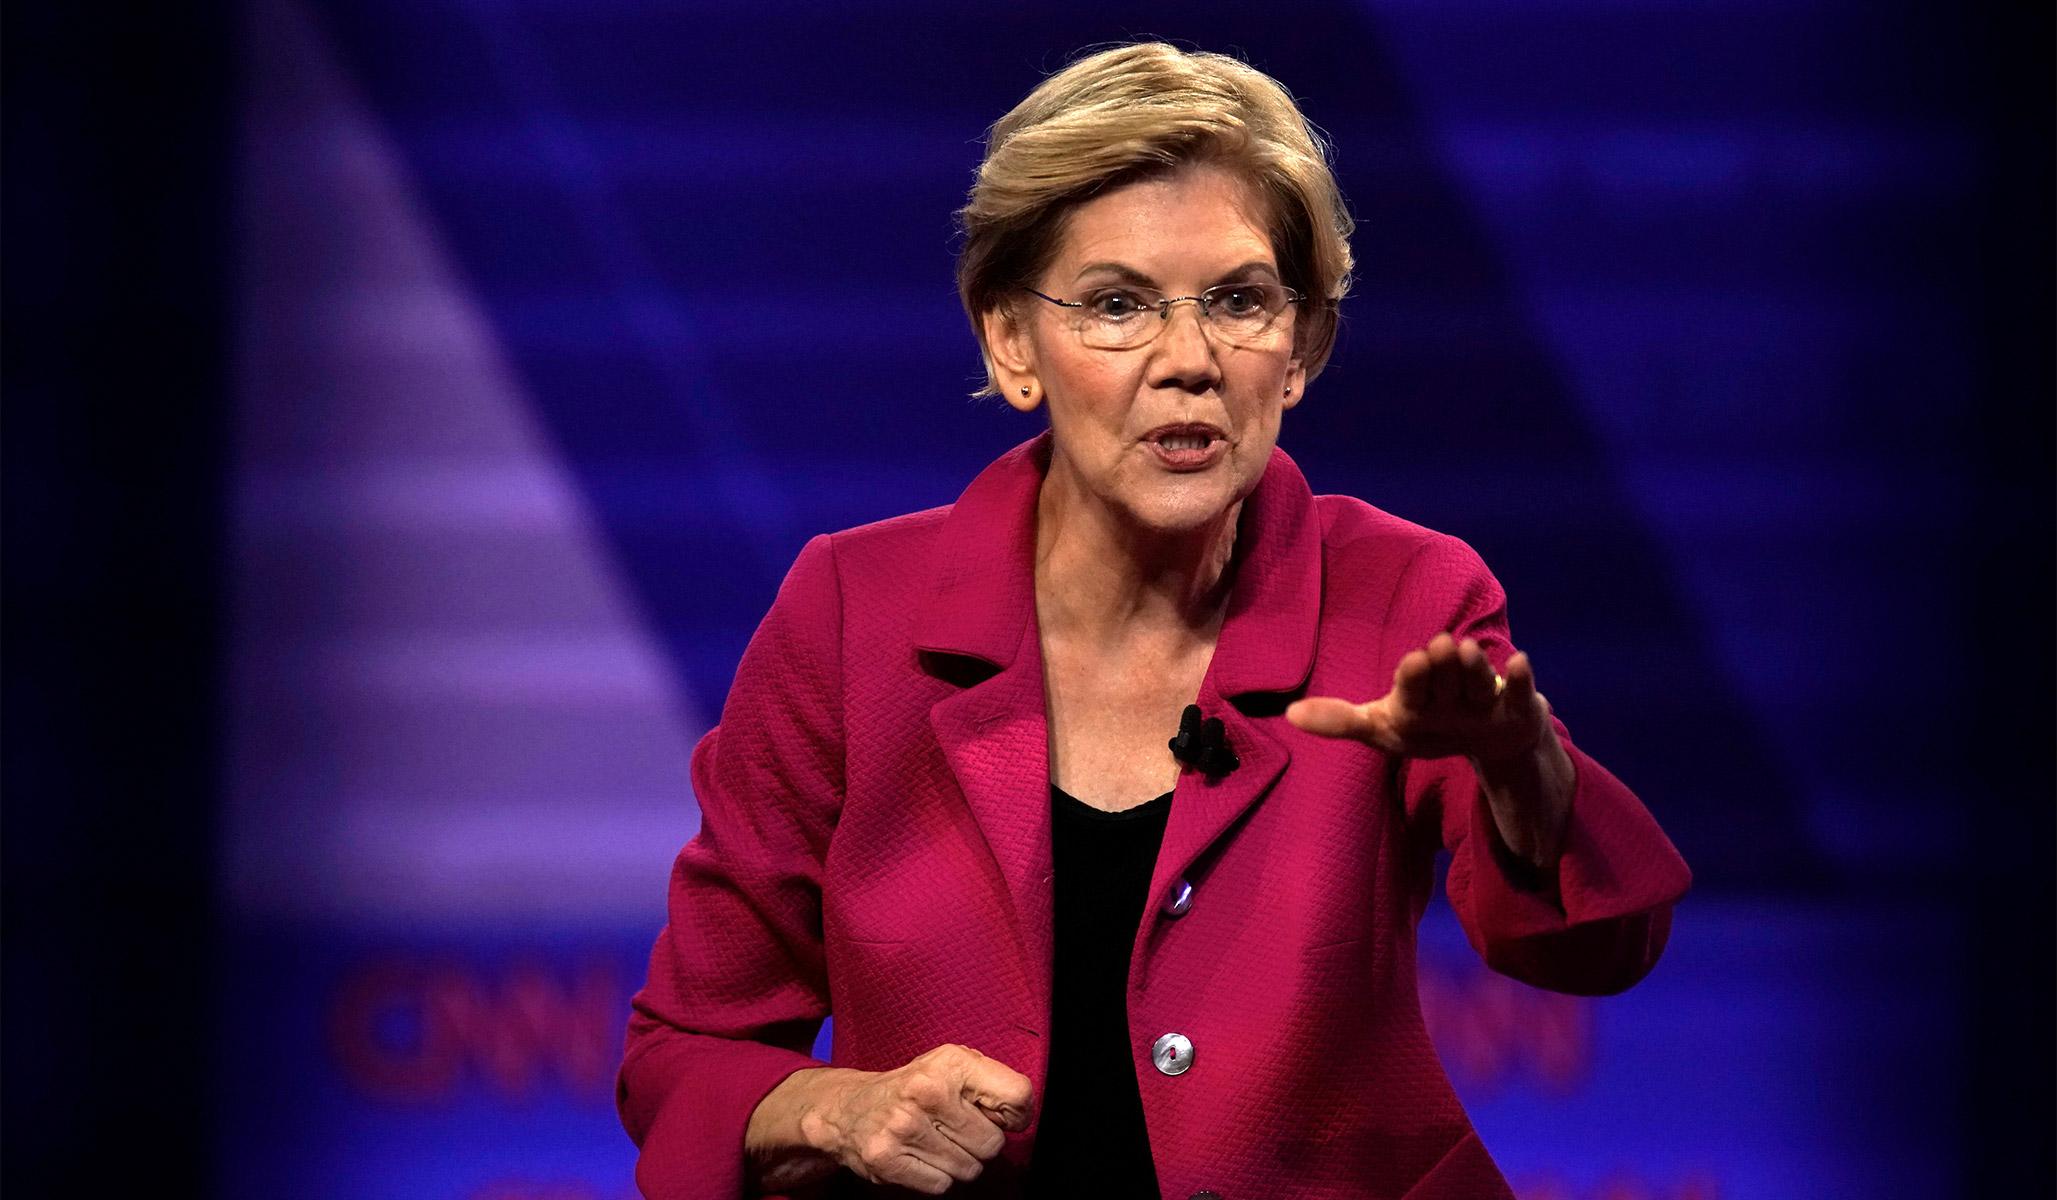 Elizabeth Warren Is Jussie Smollett